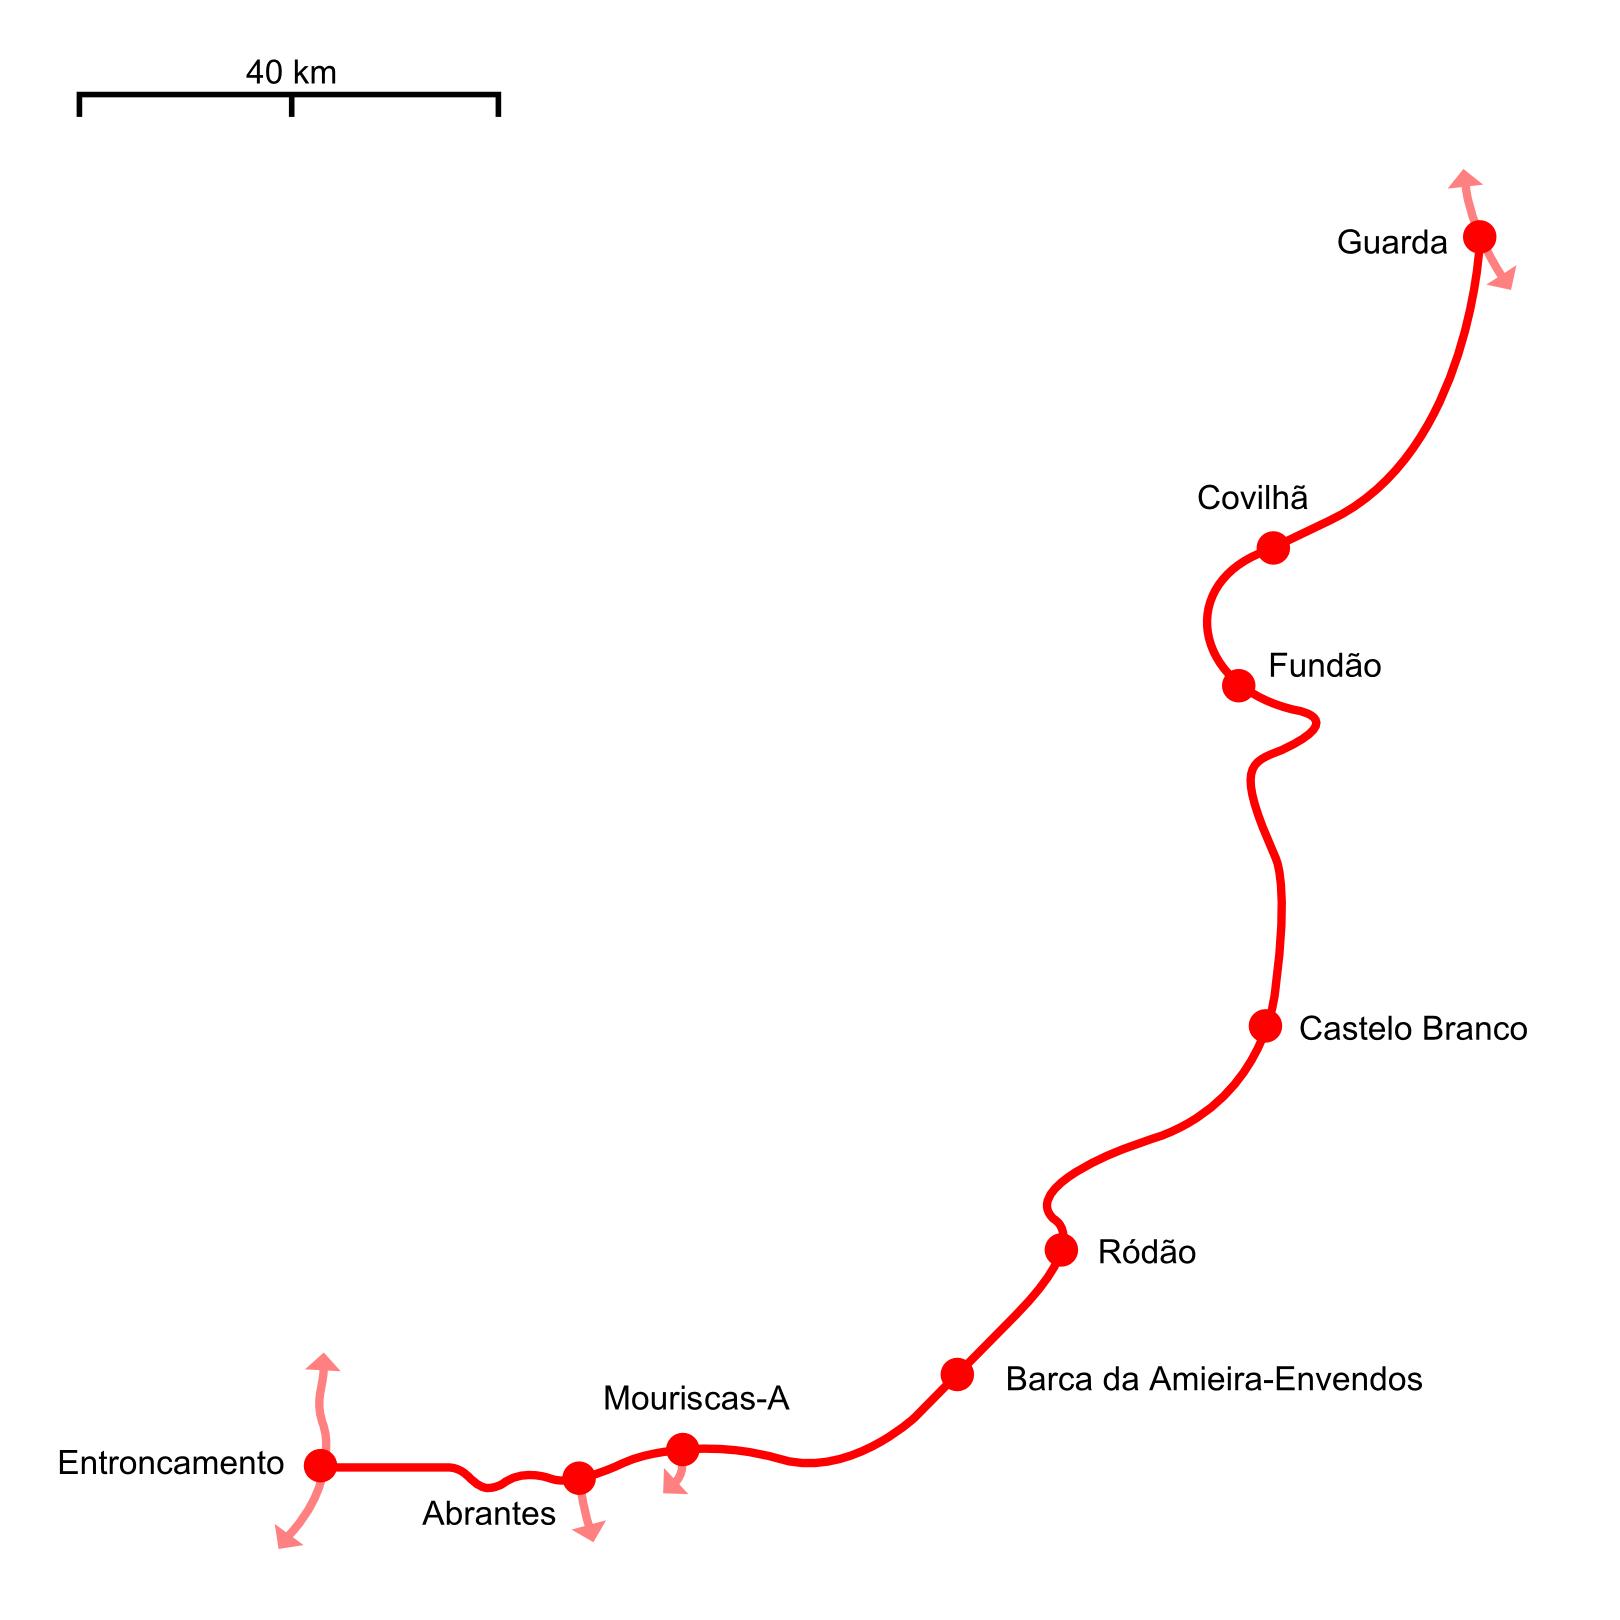 beira baixa mapa File:Mapa da Linha da Beira Baixa.png   Wikimedia Commons beira baixa mapa